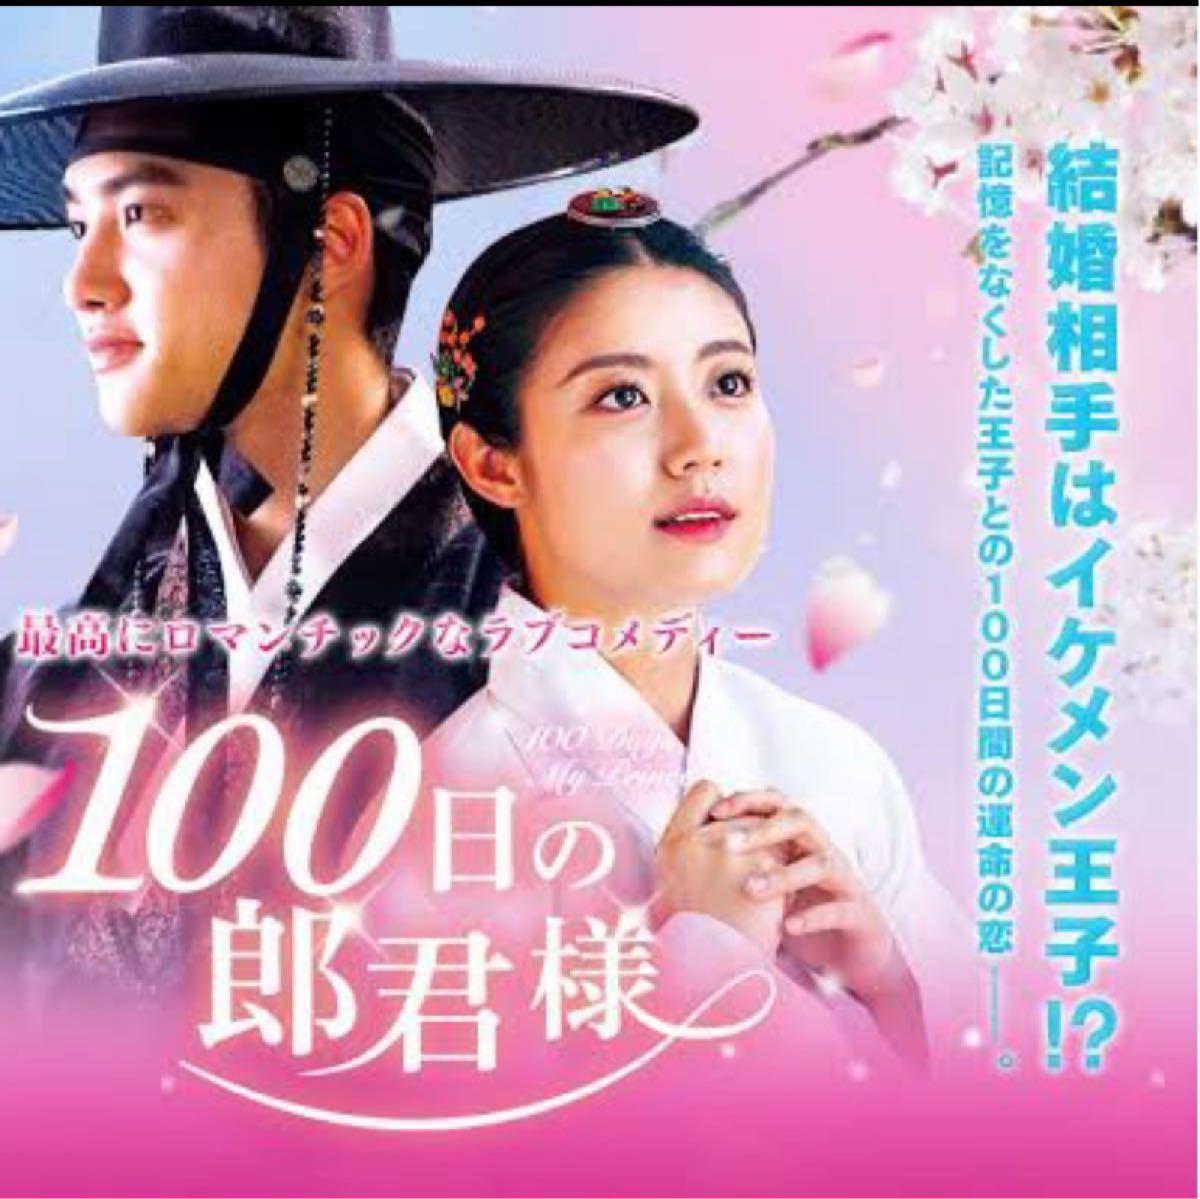 韓国ドラマ 100日の郎君様 DVD全話【レーベル印刷あり】